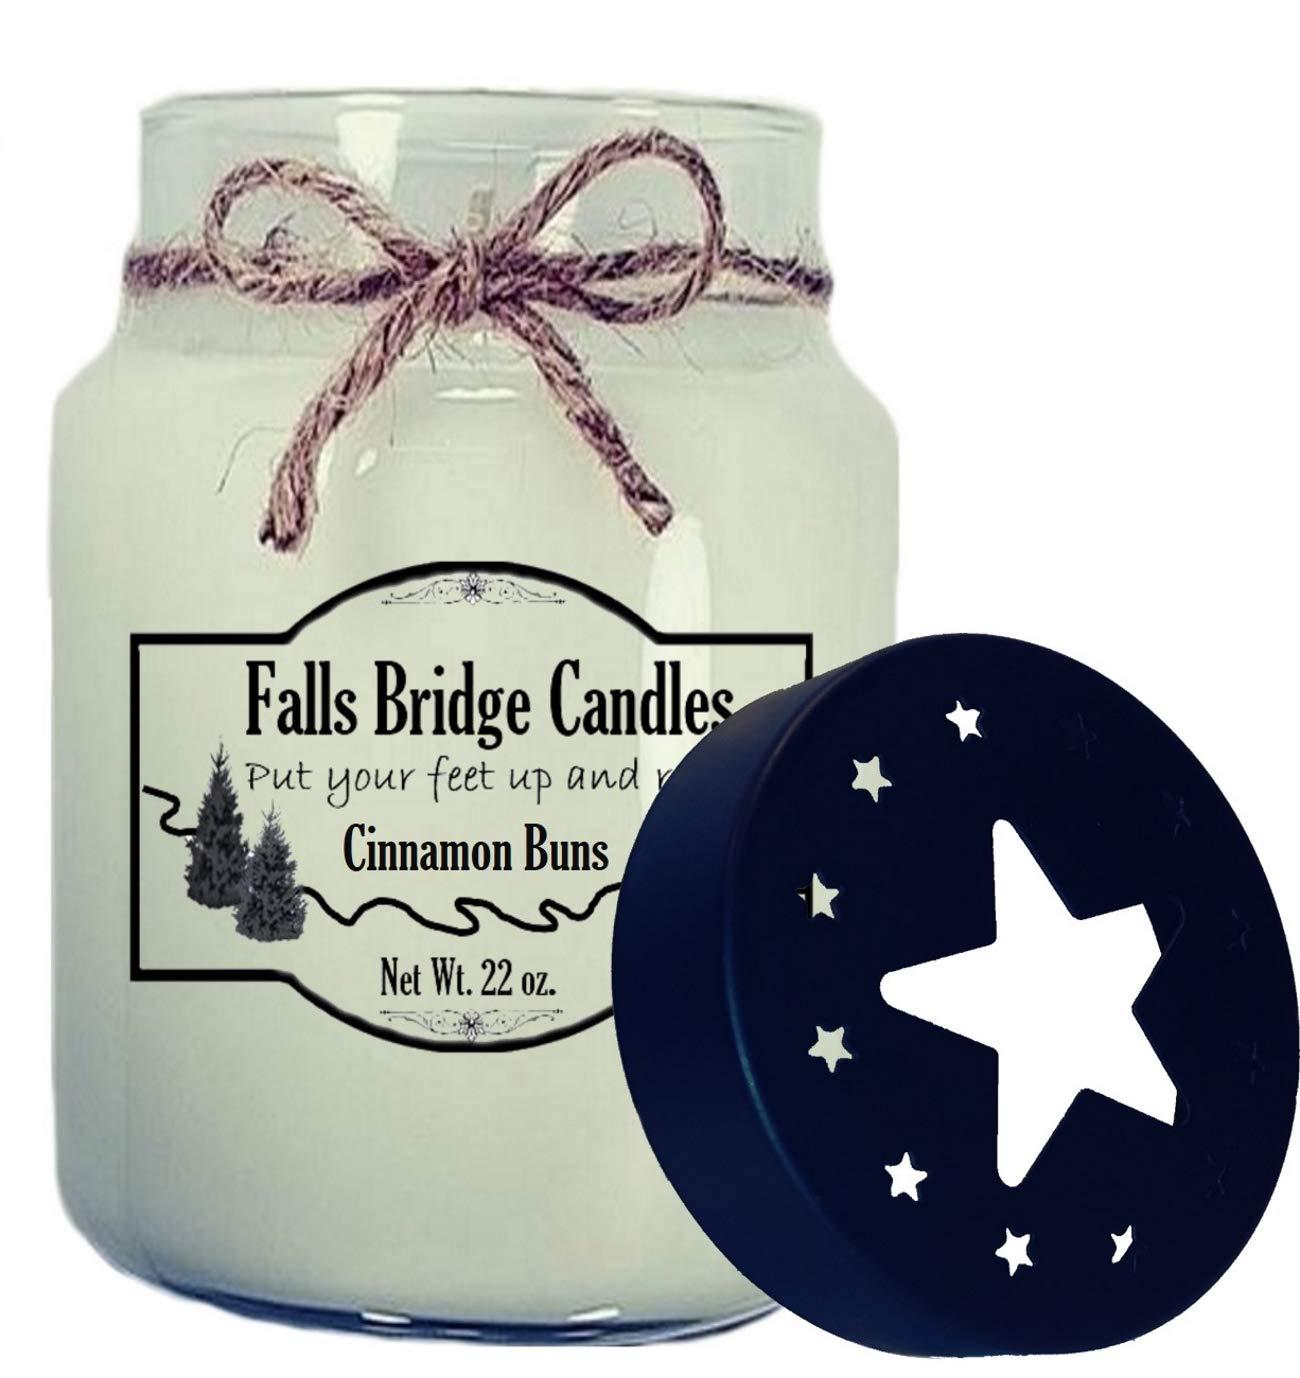 Falls Bridge Candles CNNBN26S Cinnamon Bun Soy Blend Scented Jar Candle 22 oz w//Star Lid